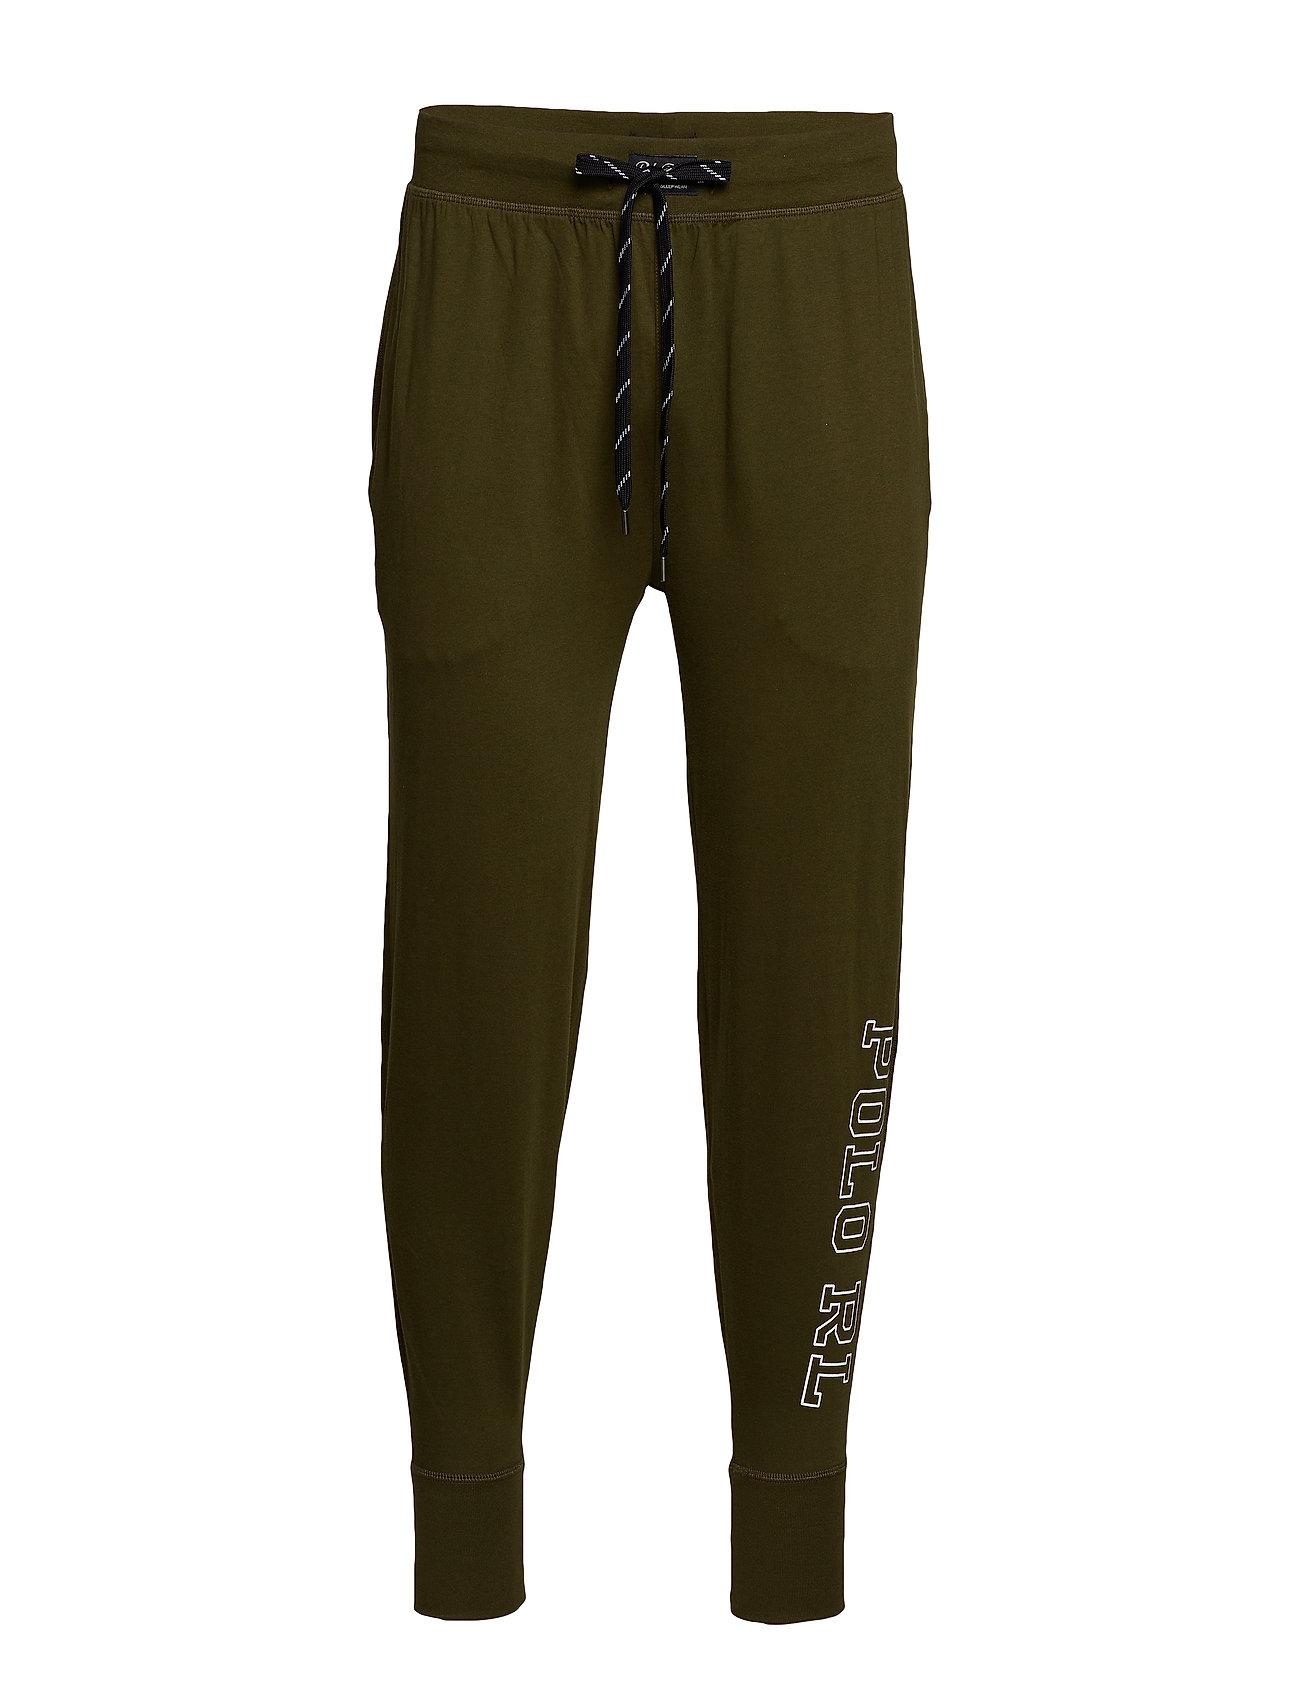 Polo Ralph Lauren Underwear LIQUID COTTON-SPN-SLB - SPANISH OLIVE